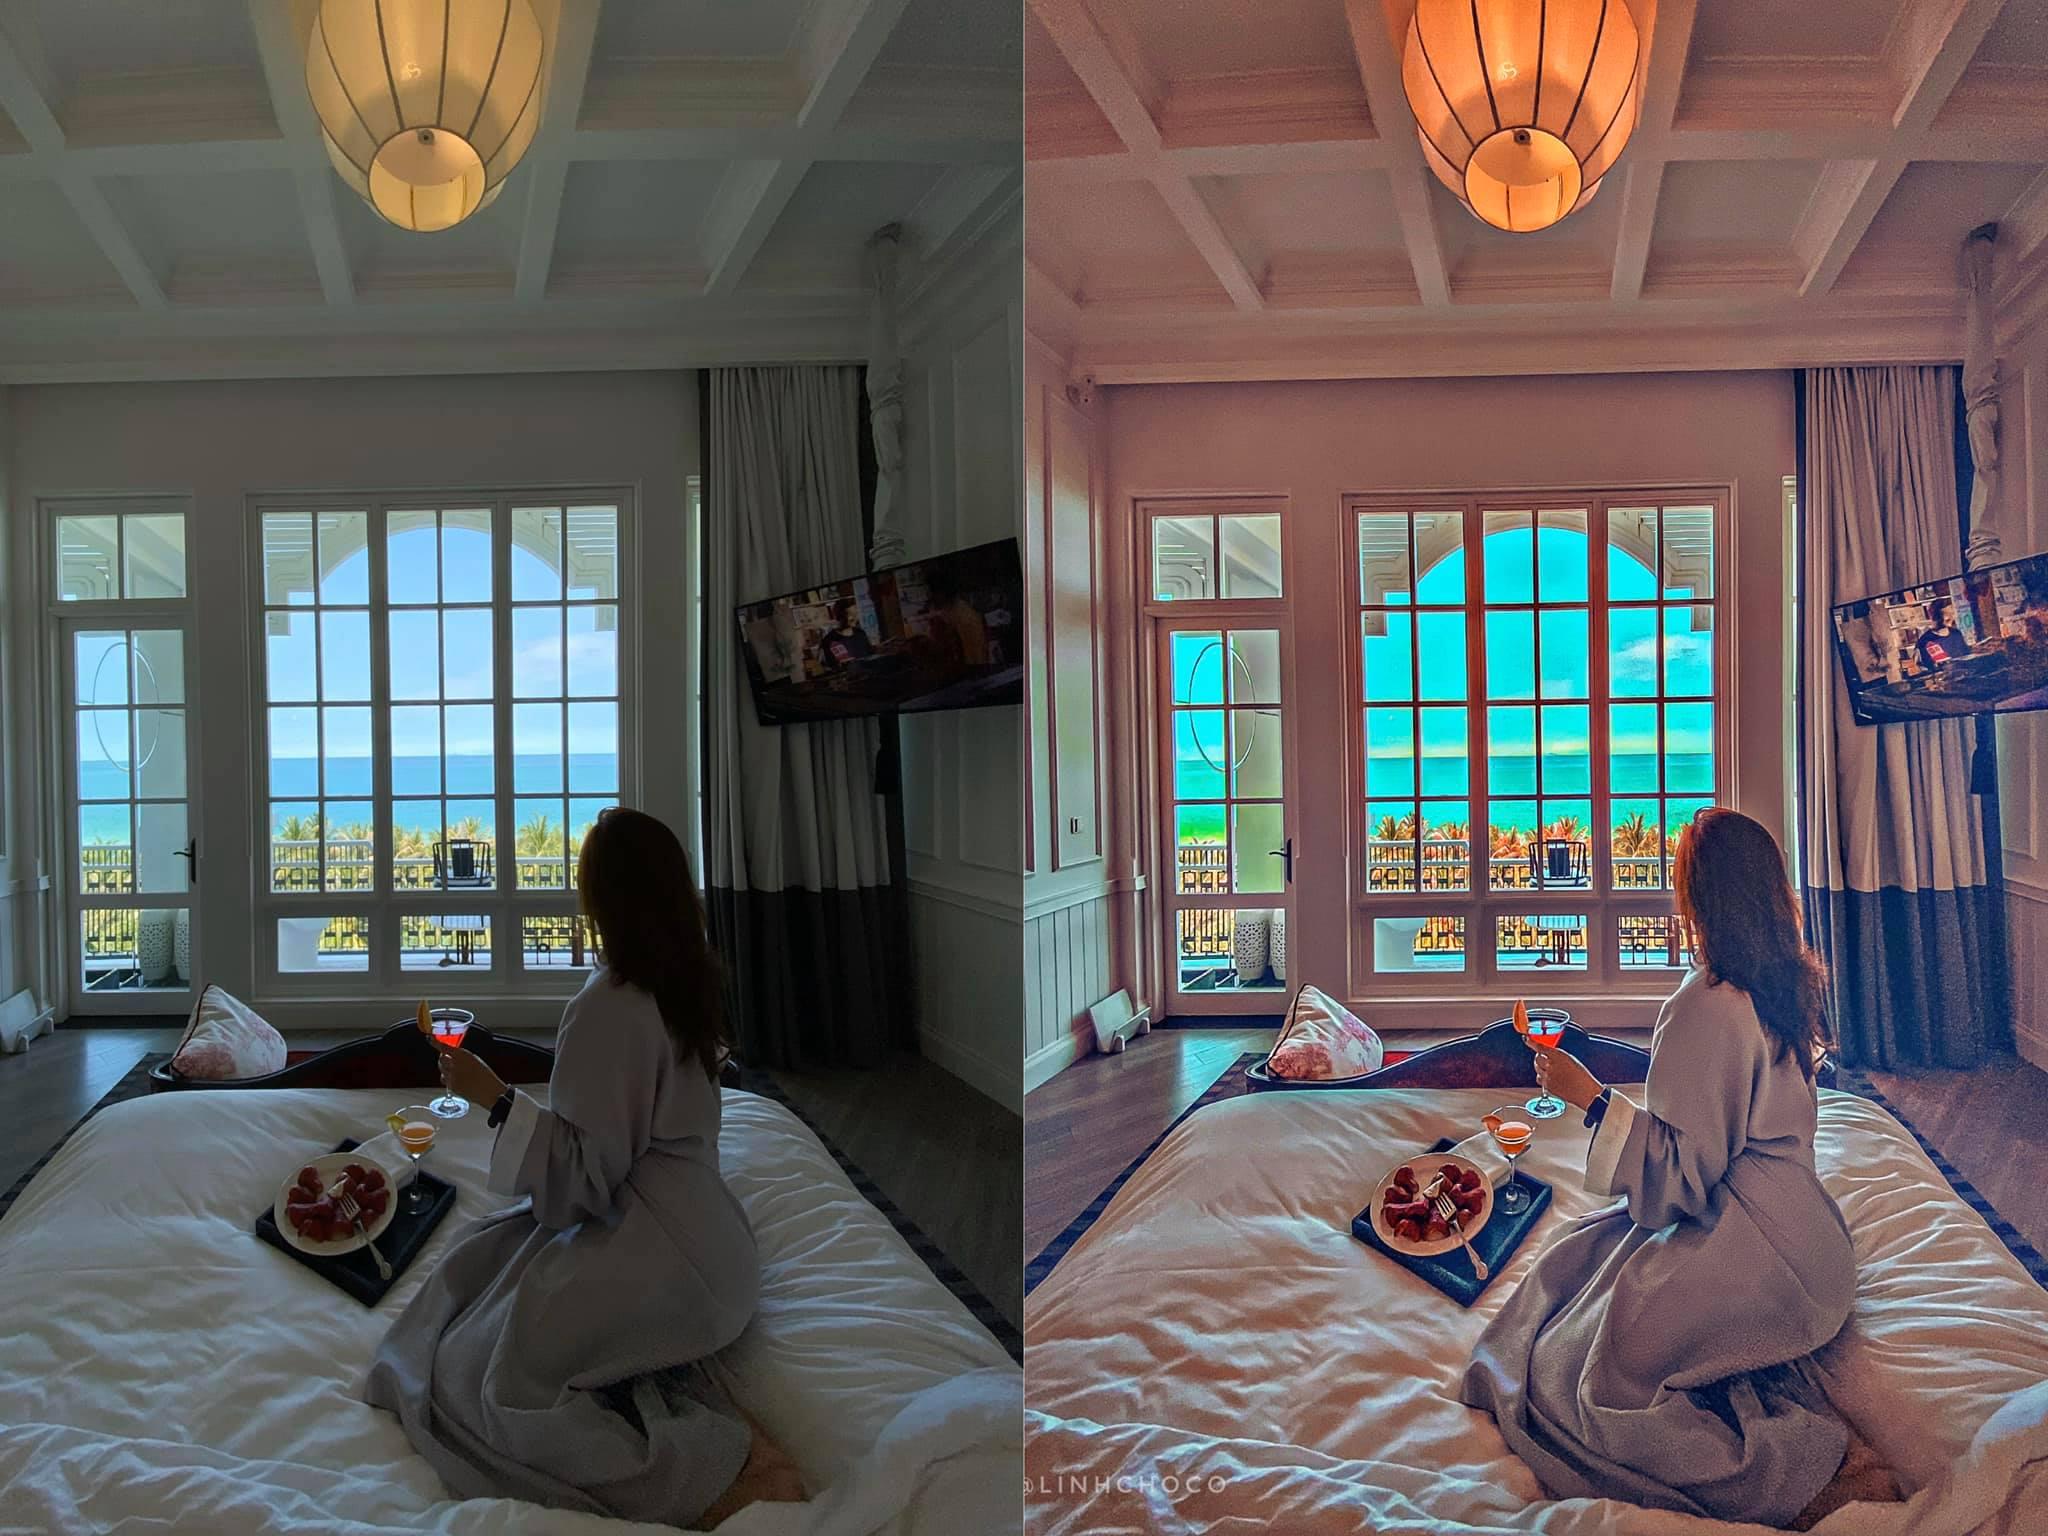 Bí kíp để có những bức hình đẹp ở Phú Quốc bức hình đẹp ở phú quốc - bi-kip-de-co-nhung-buc-hinh-dep-o-phu-quoc-4 - Bí kíp để có những bức hình đẹp ở Phú Quốc 🥰🥰